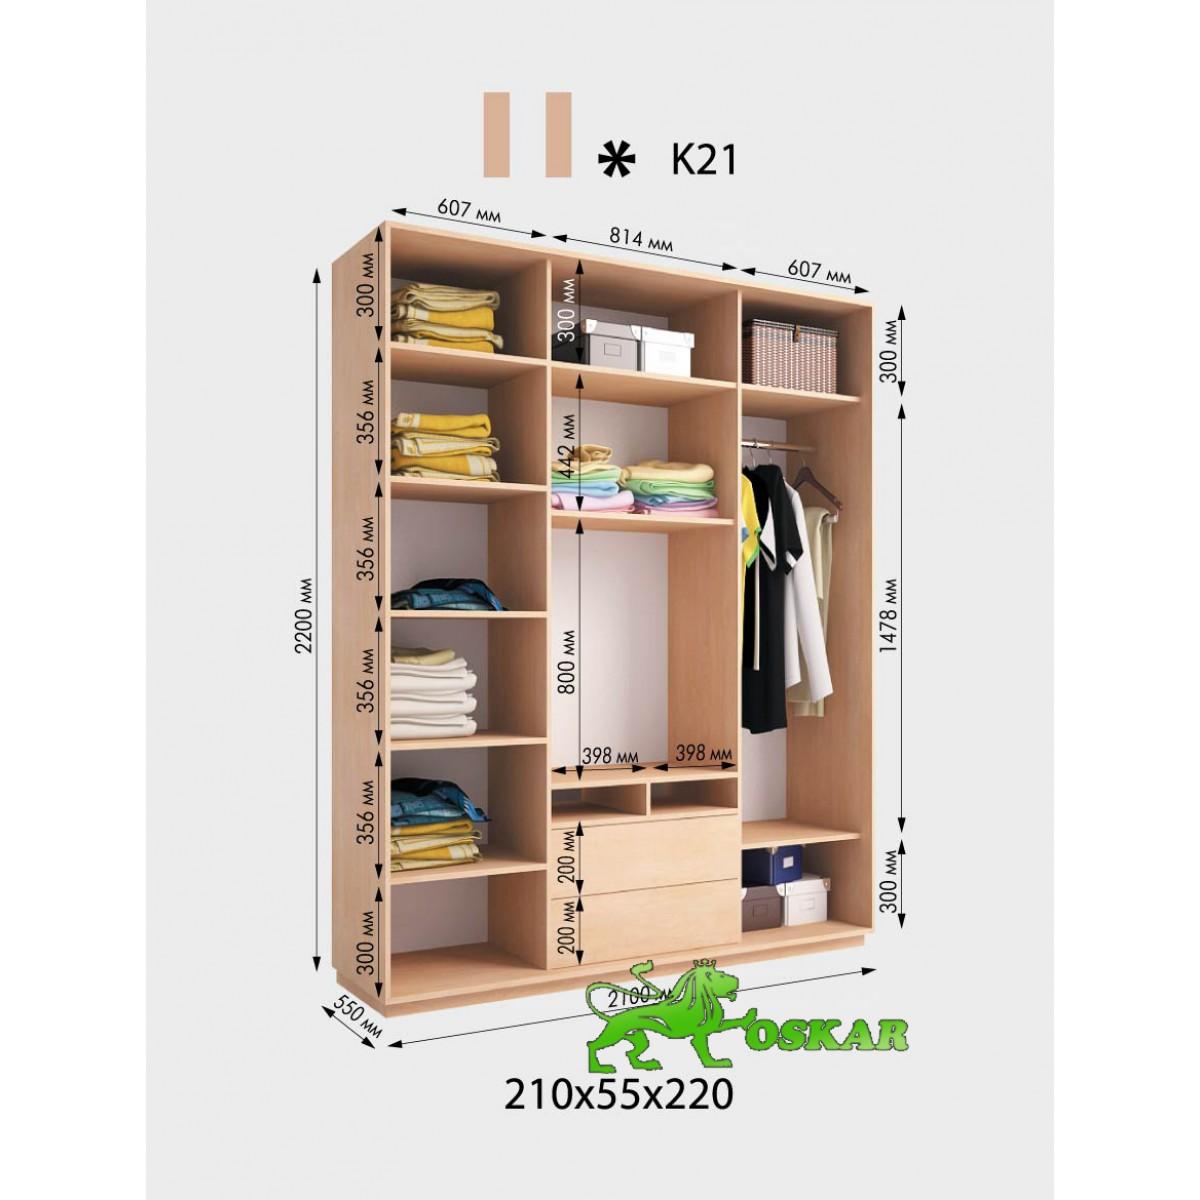 Купить шкафы-купе в классическом стиле (классика) в киеве: ц.